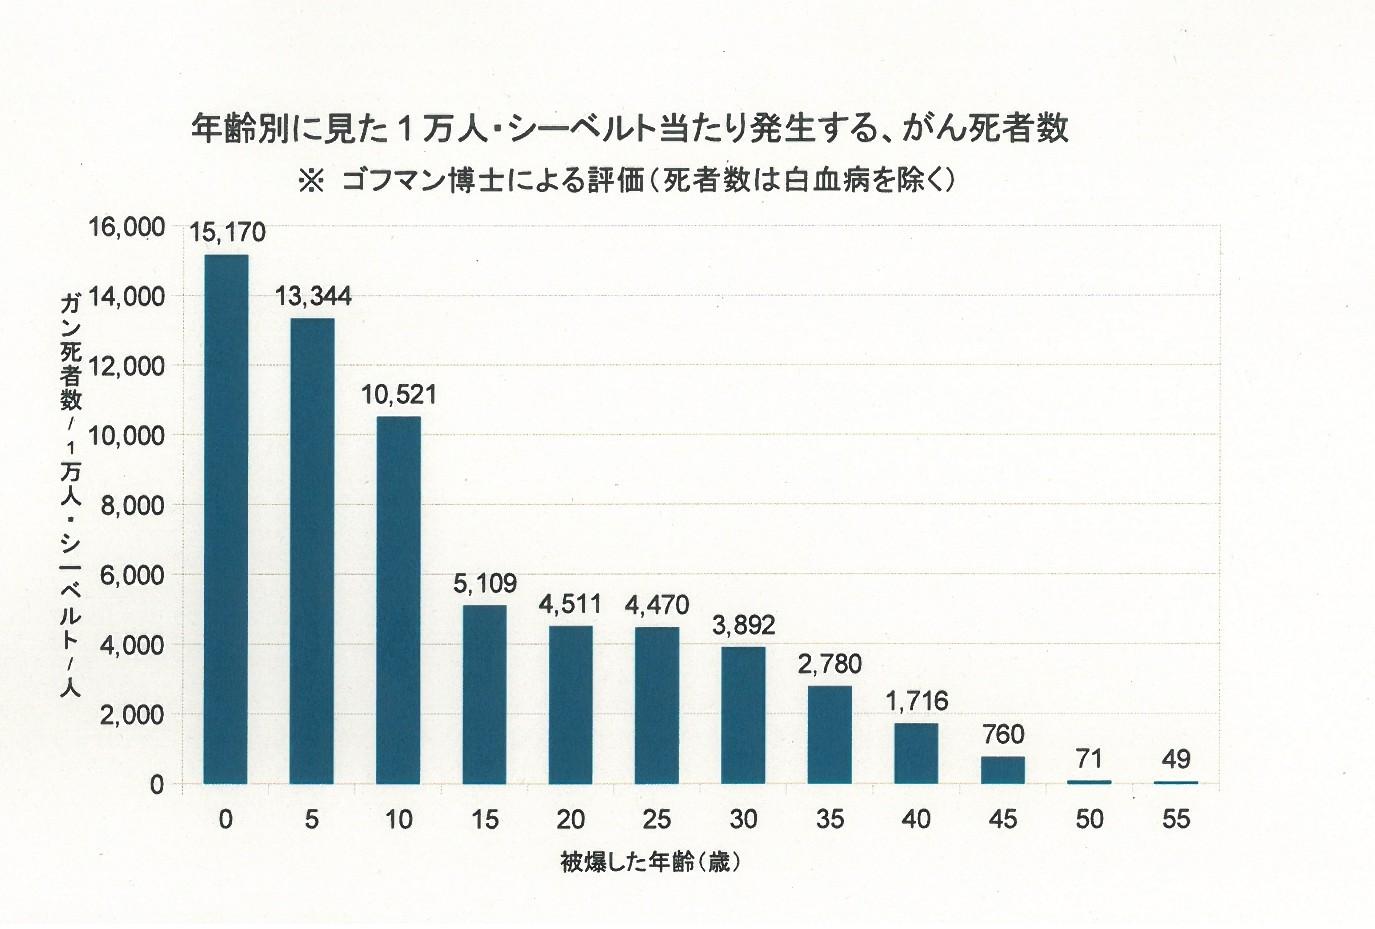 ゴフマン 年齢別がん死者数グラフ